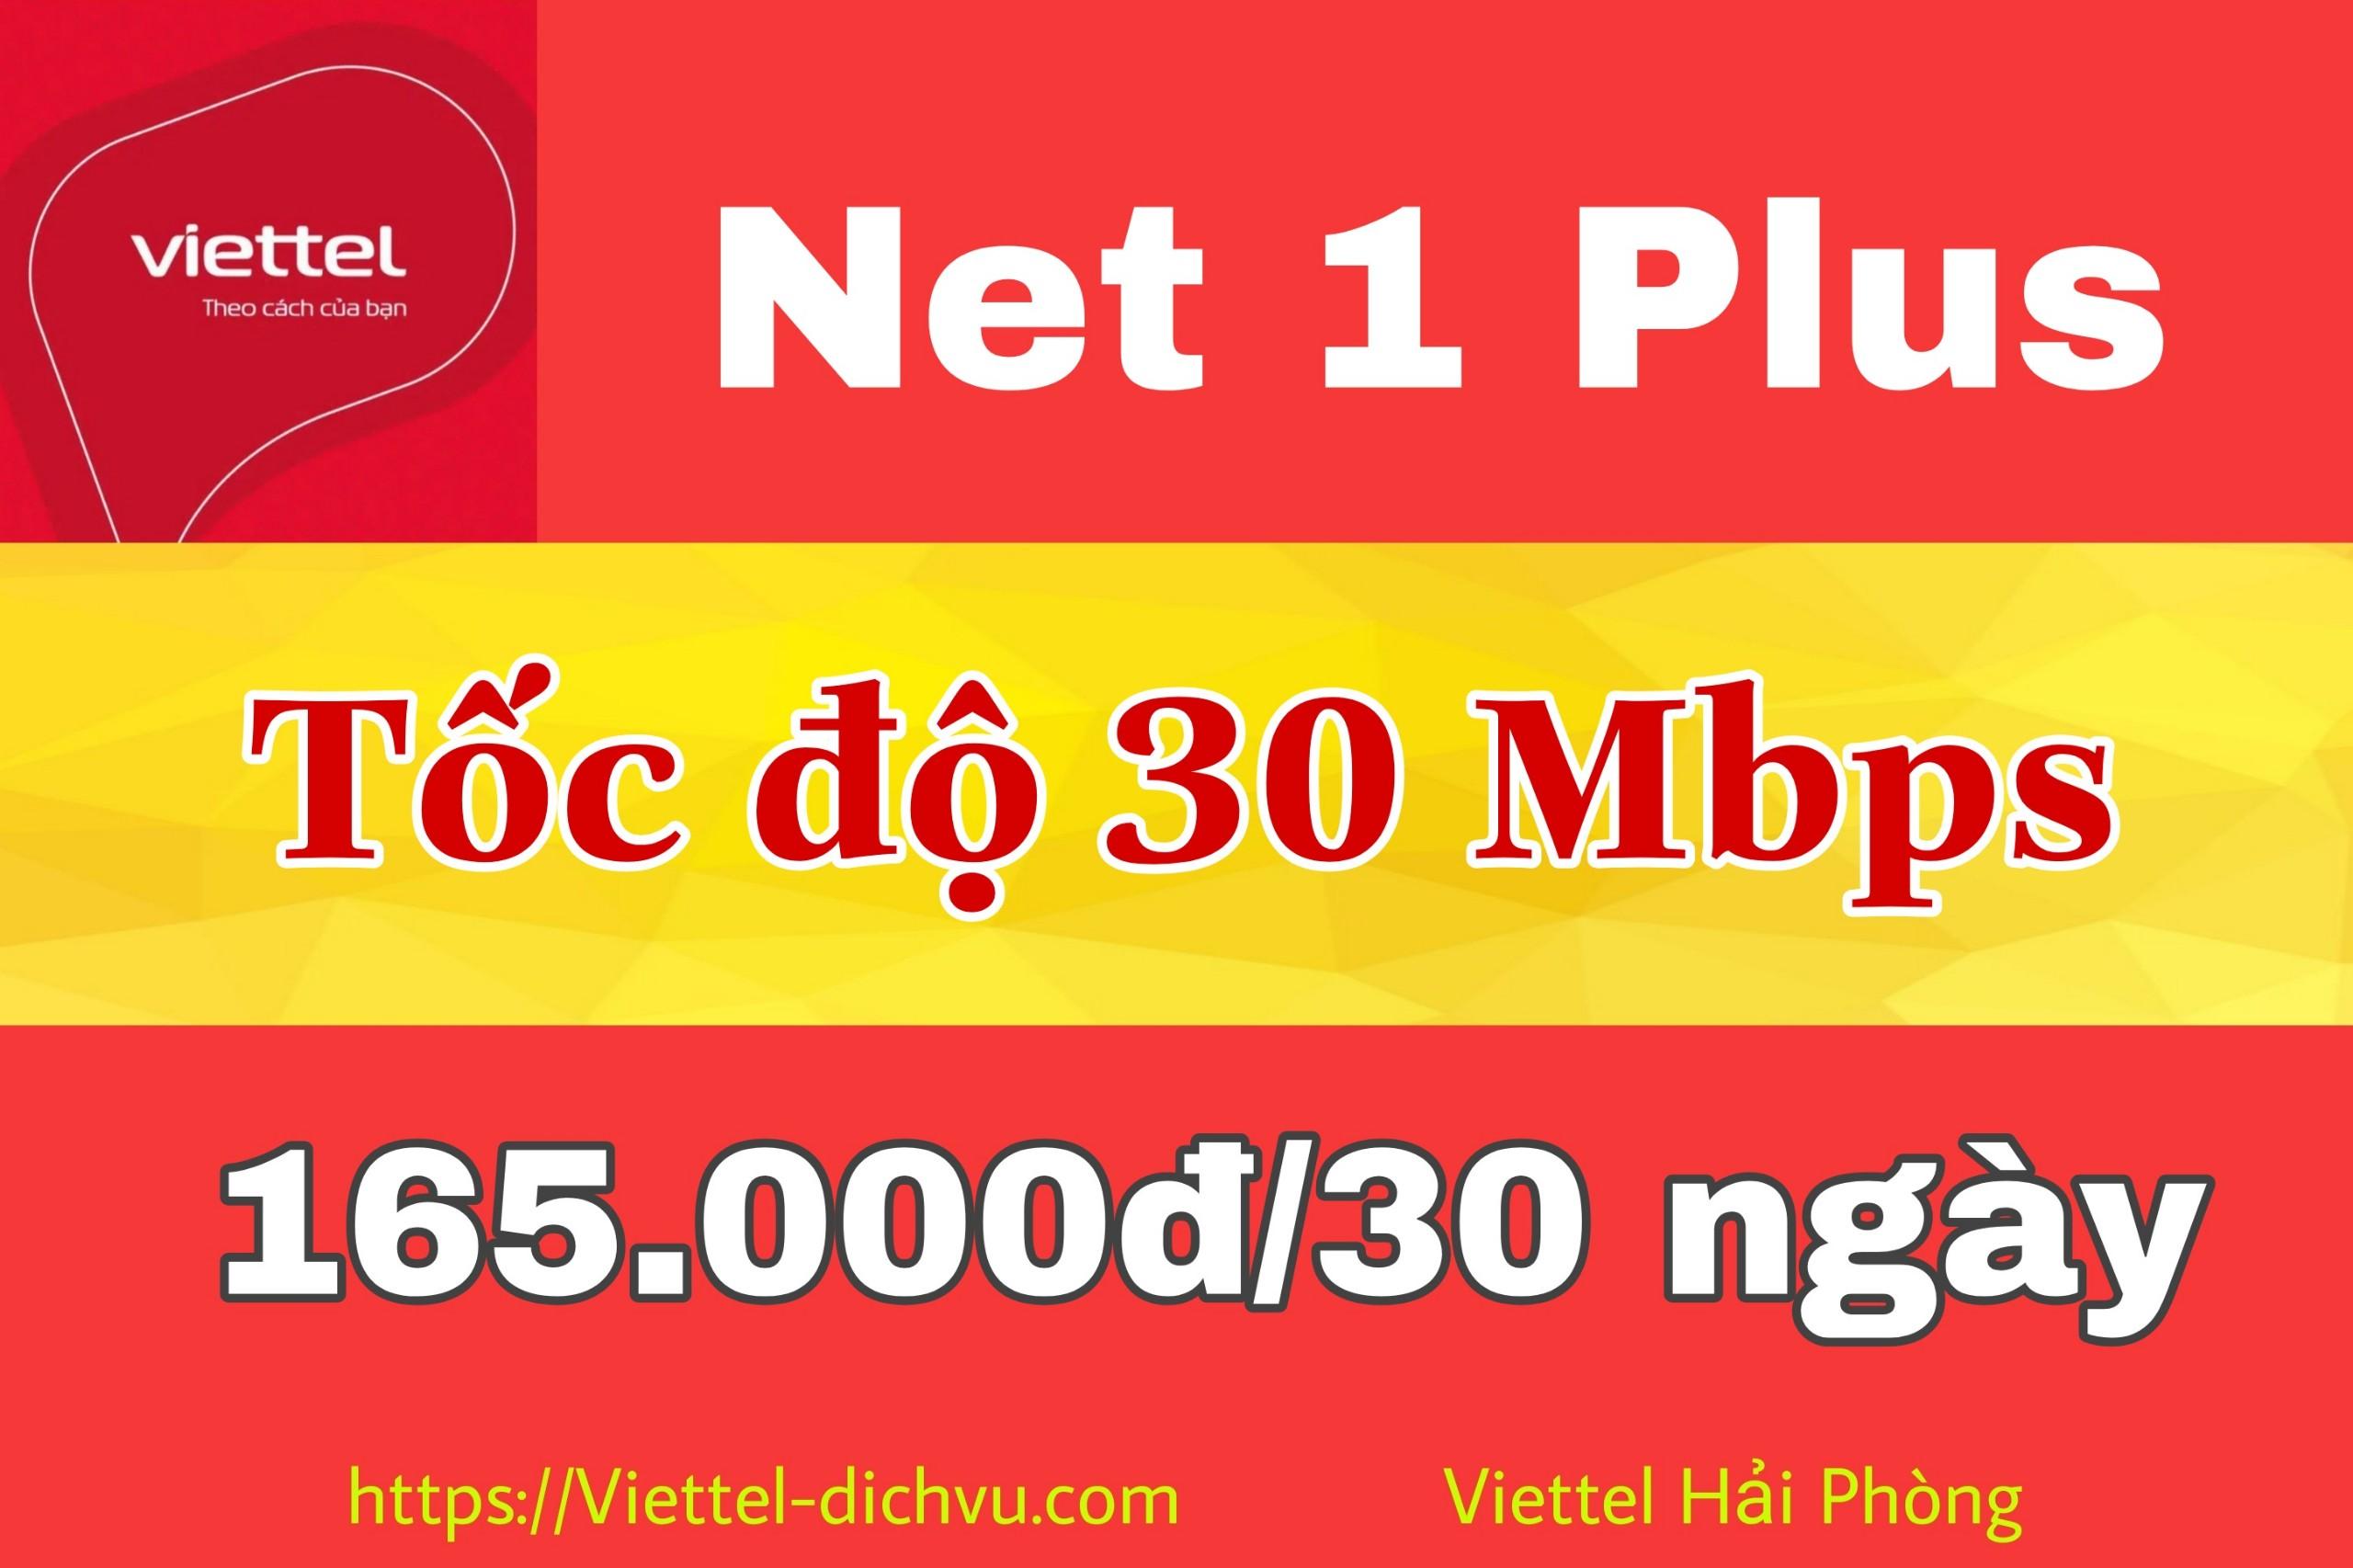 Goi Cước Thấp Nhất Của Viettel Cap Quang Net 1 Plus Viettel Hải Phong Lắp Mạng Viettel Hải Phong